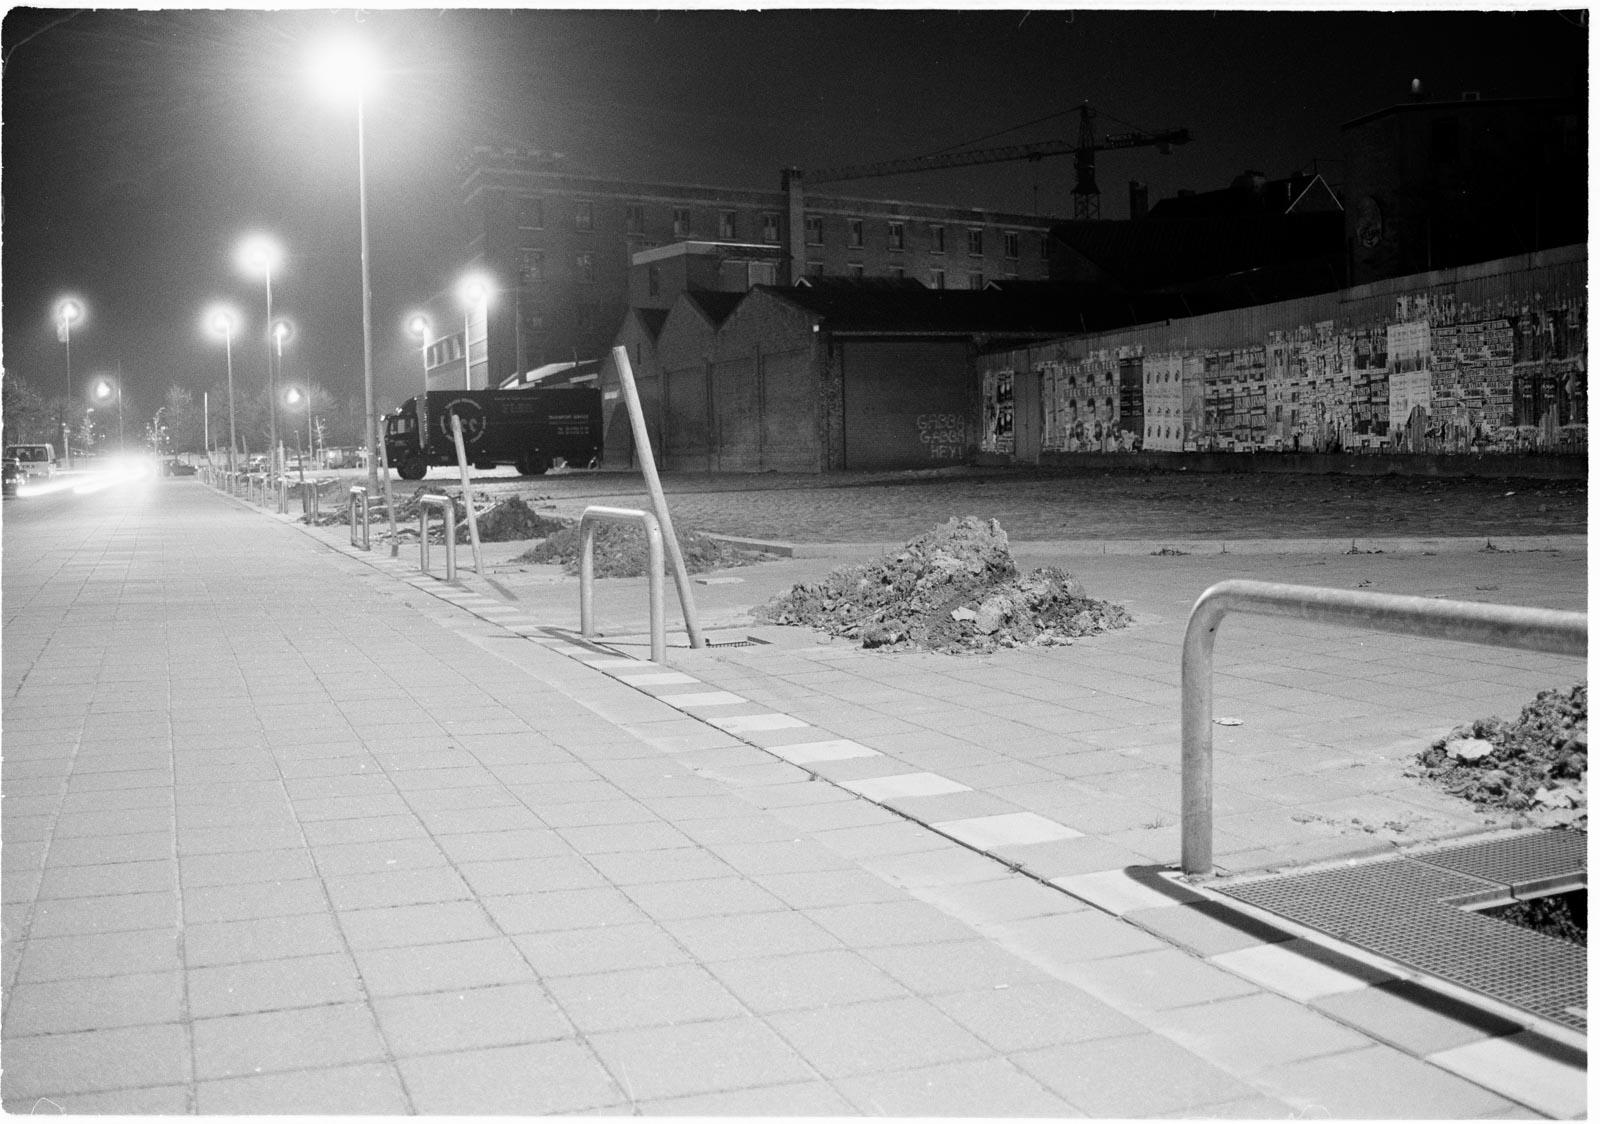 Nachtfoto uit de serie Stille Getuigen gemaakt in Antwerpen